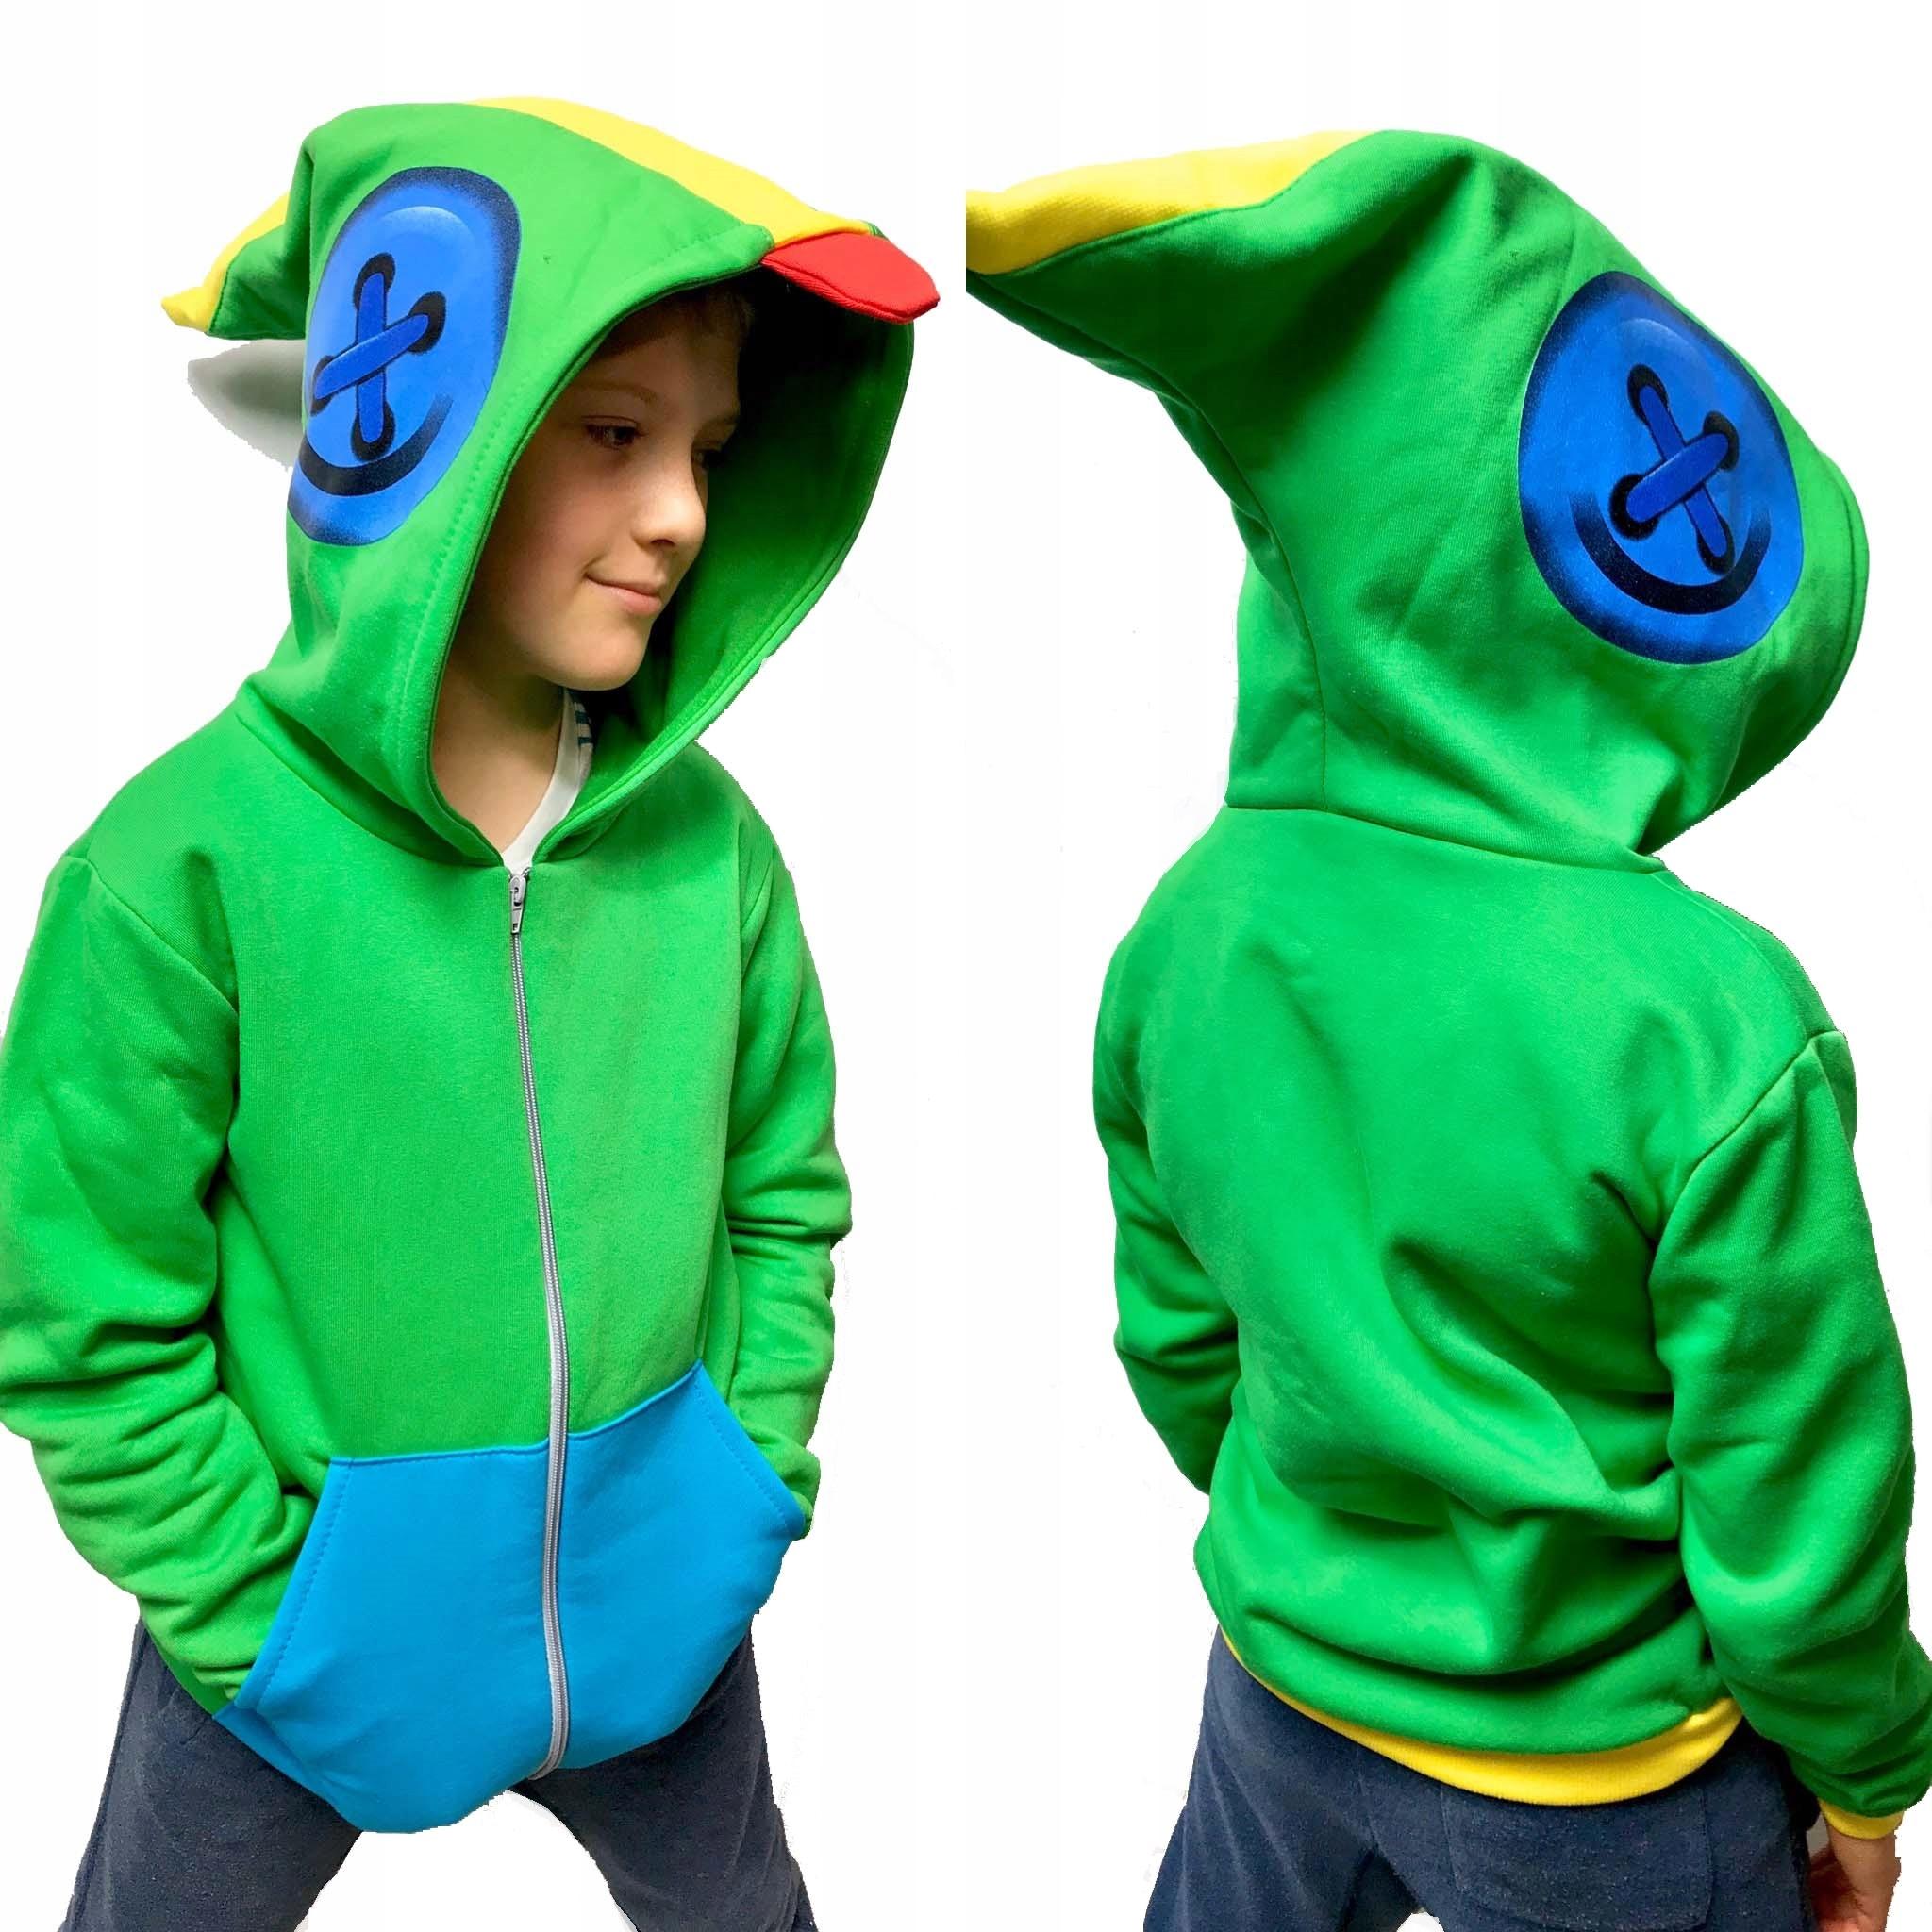 Bluza dziecięca LEON gra BRAWL STARS zielona 134